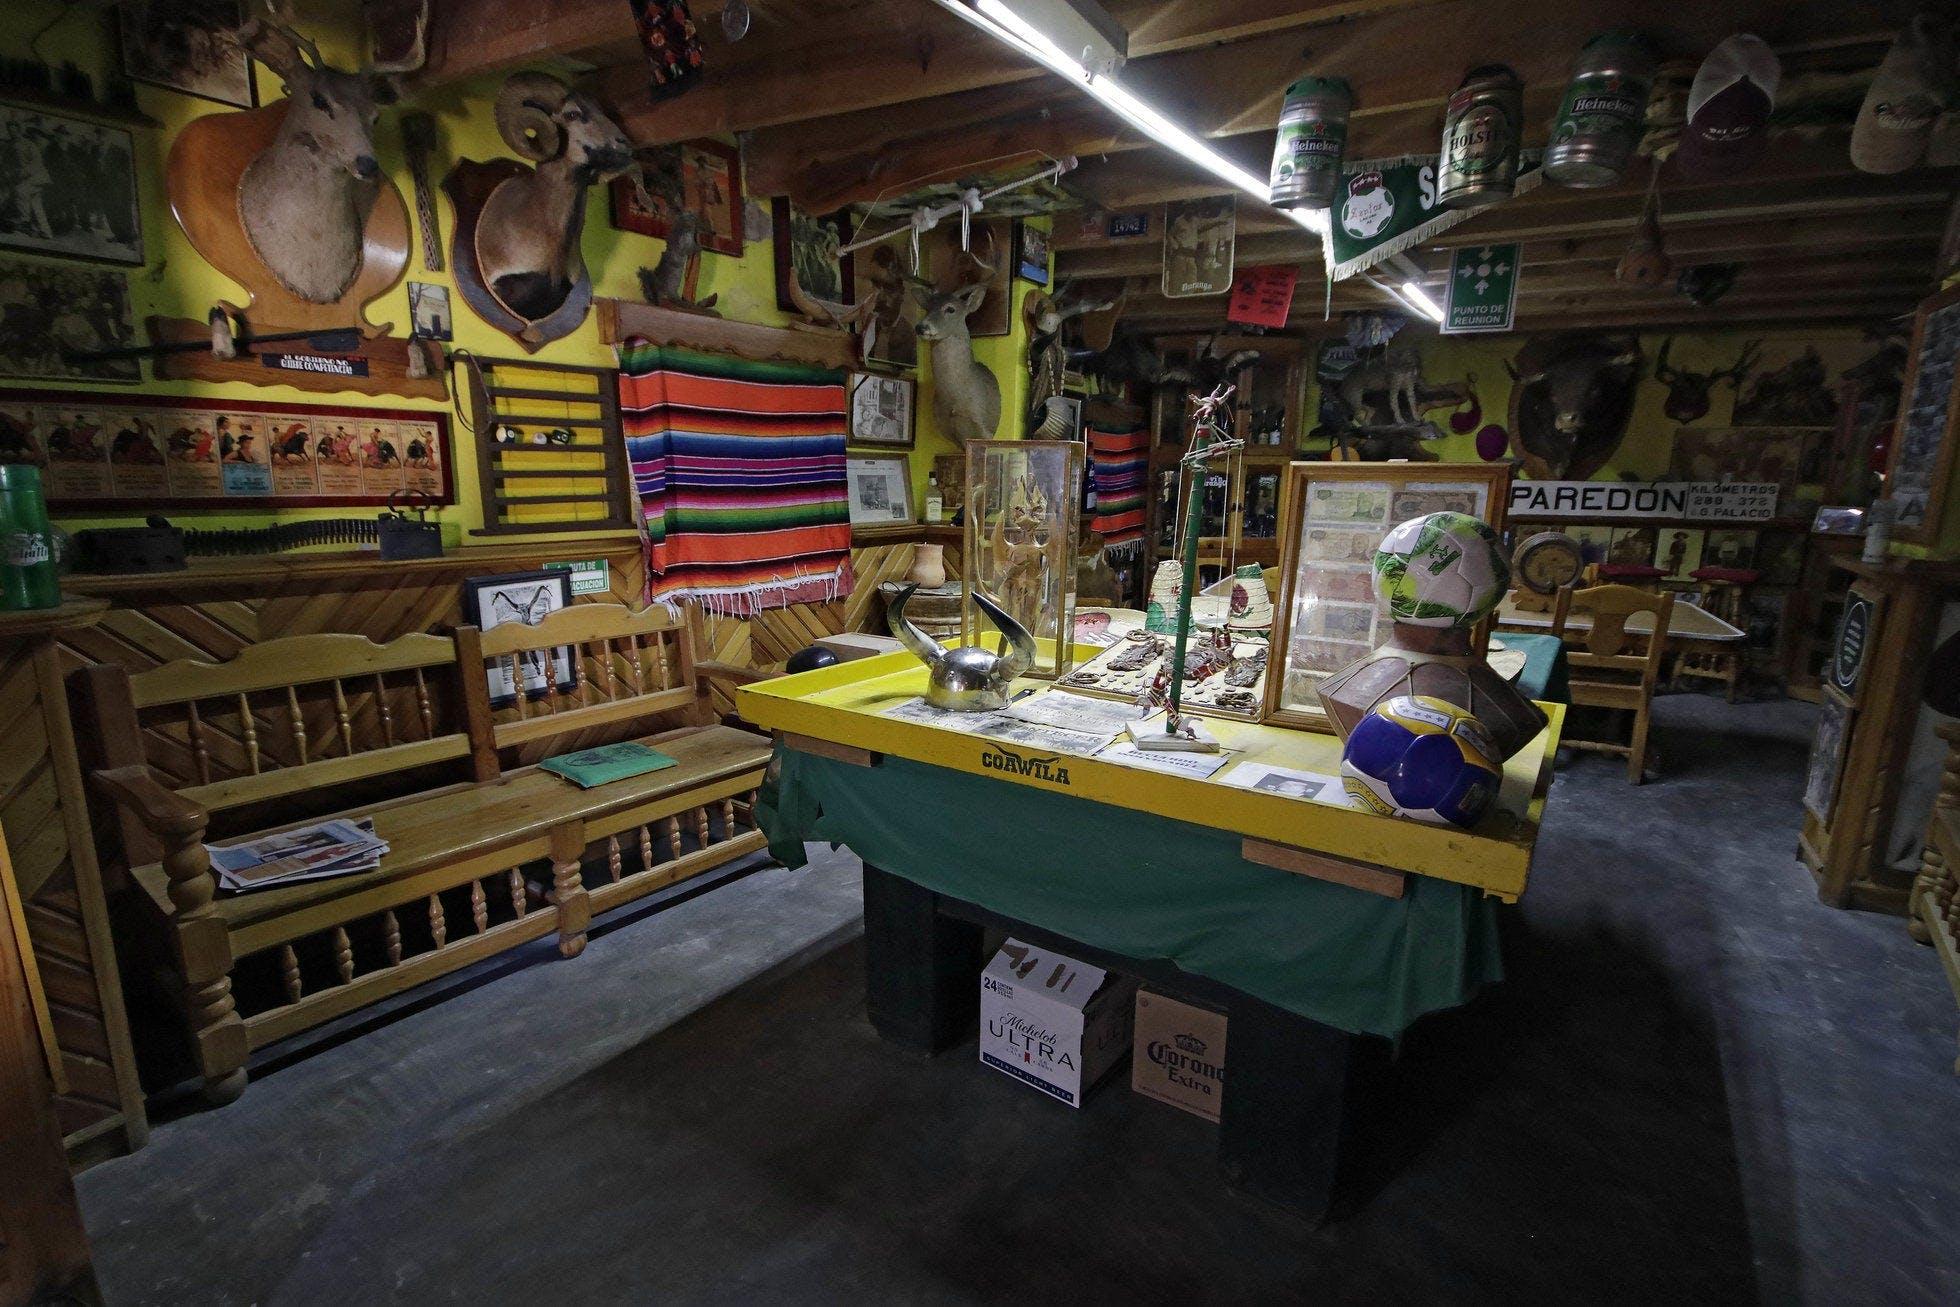 Interior de una tienda en el pueblo de Paredon.